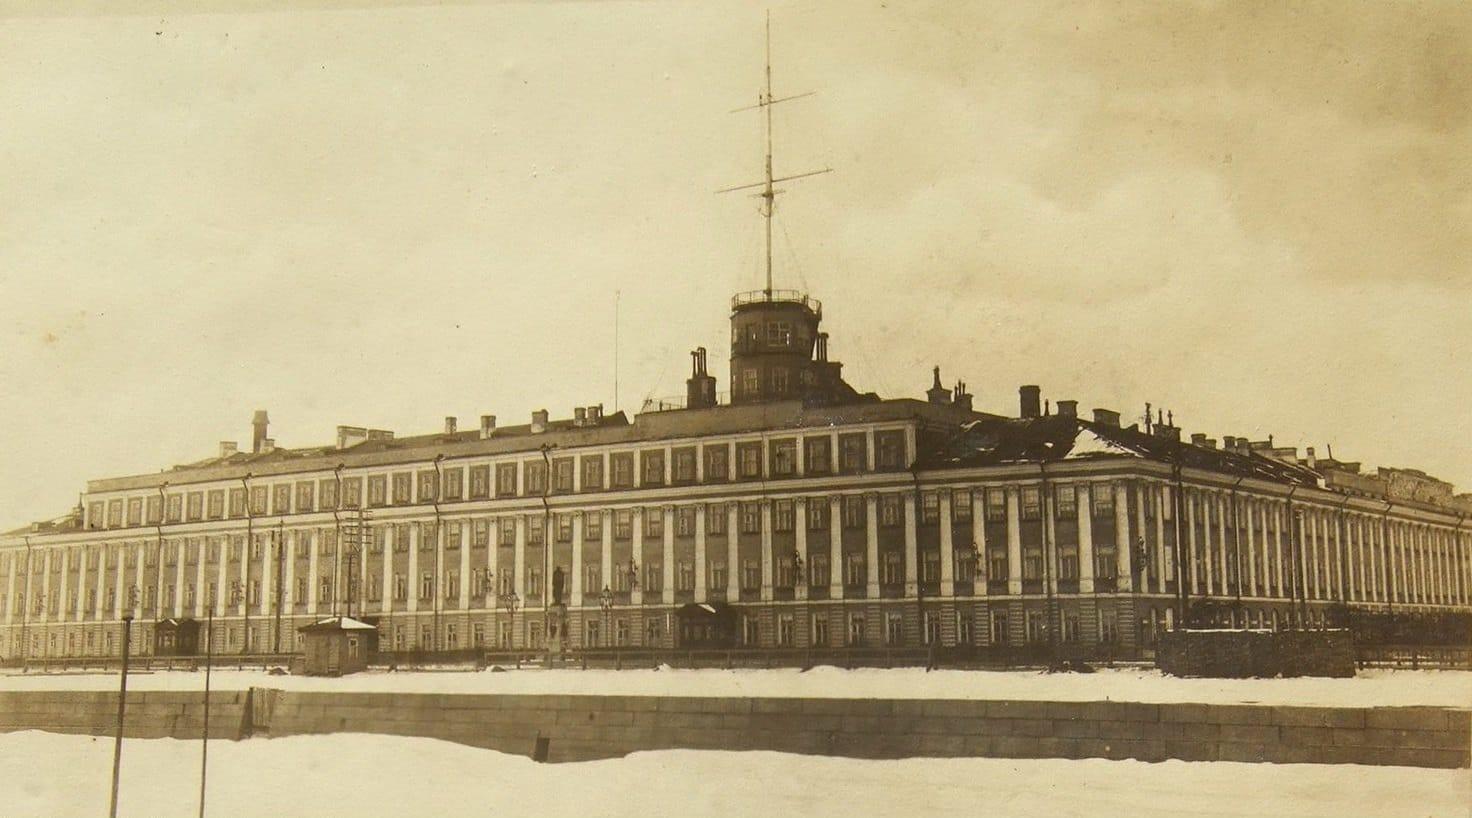 Морское инженерное училище Имп. Николая I, Кронштадт 1914 г